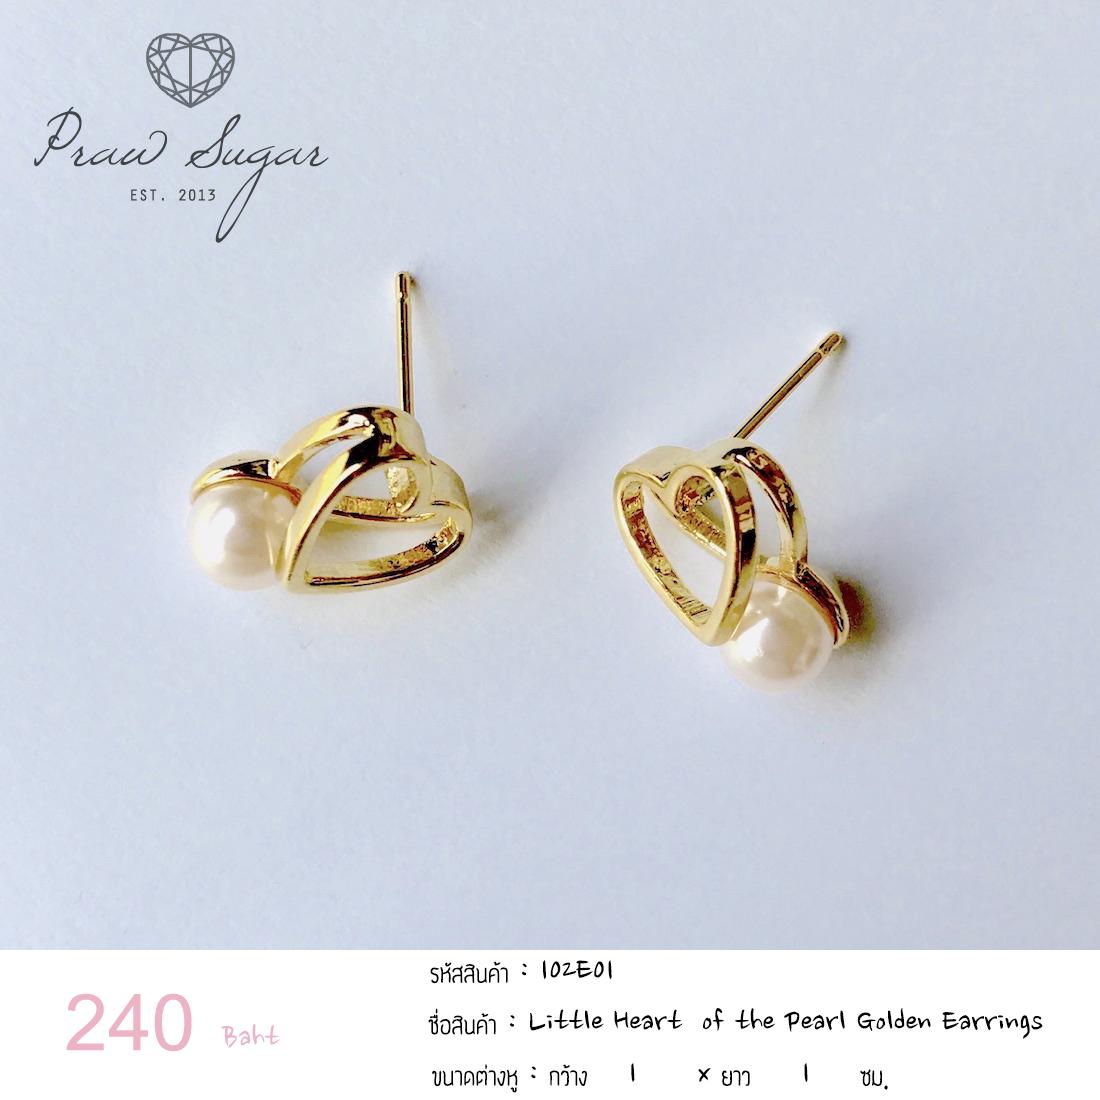 Little Heart of the Pearl Golden Earrings